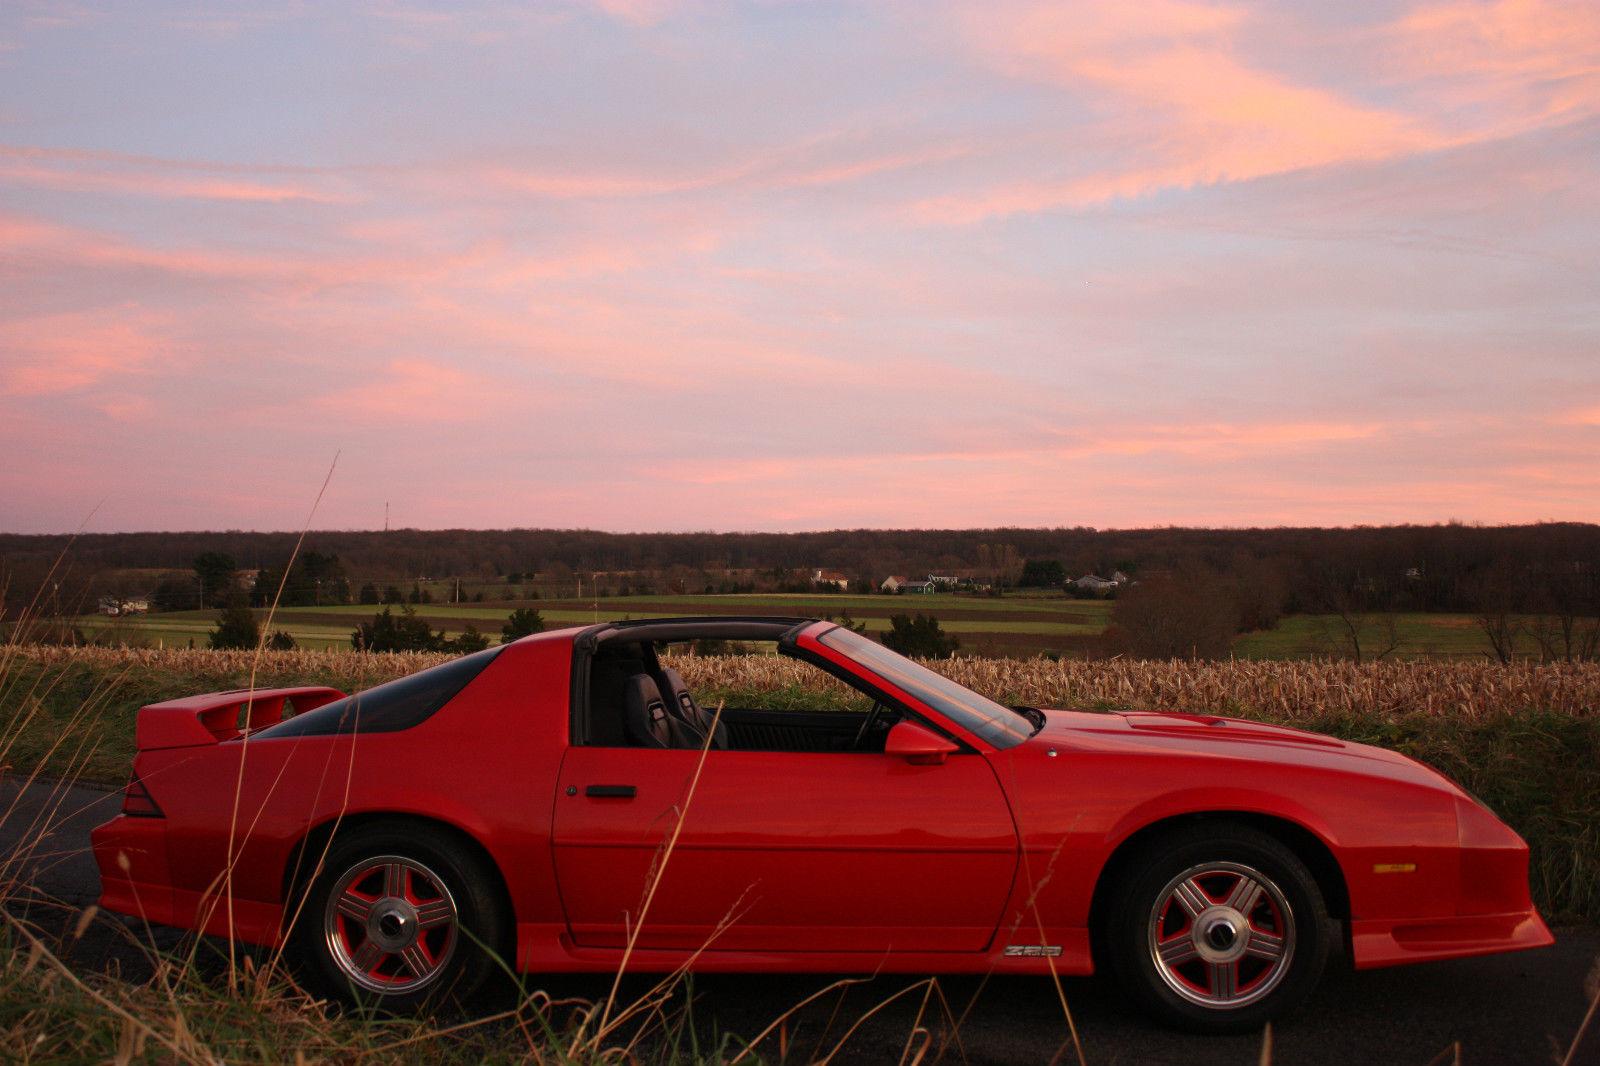 RARE 92 Z28 Camaro 25th Anniversary Edition for sale in